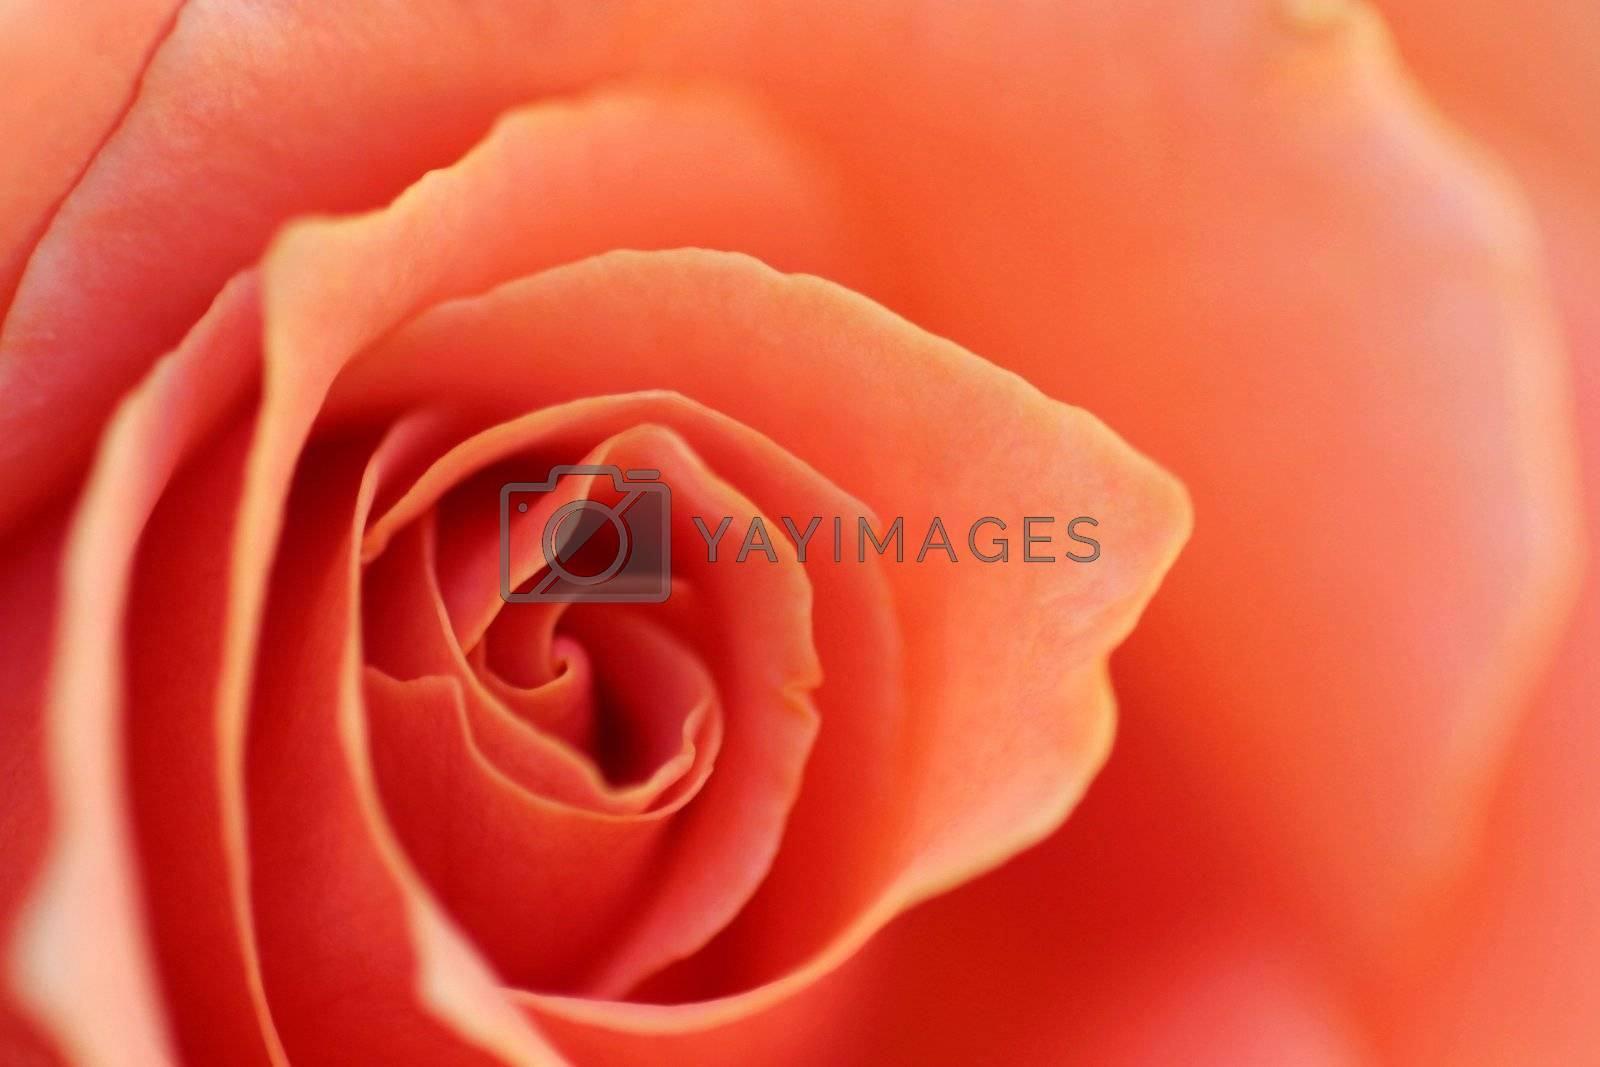 Soft Rose Petals (2754) by hlehnerer